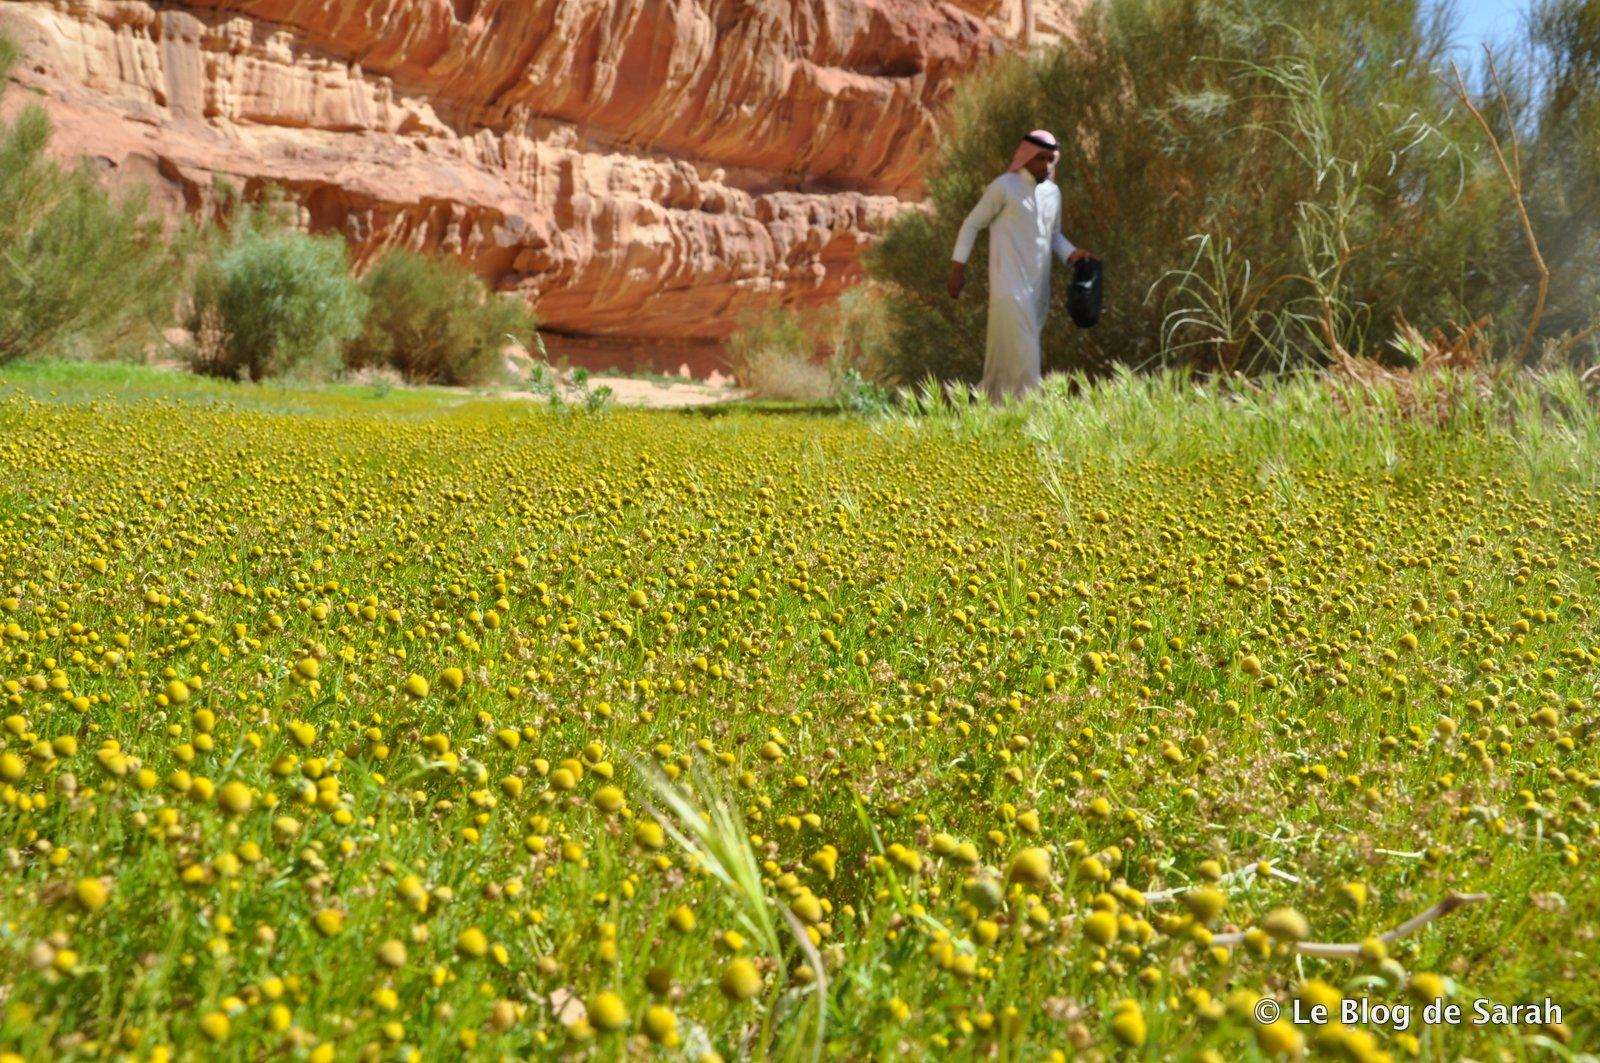 Notre guide bédouin cueille des fleurs de camomille dans une oasis de verdure en plein désert